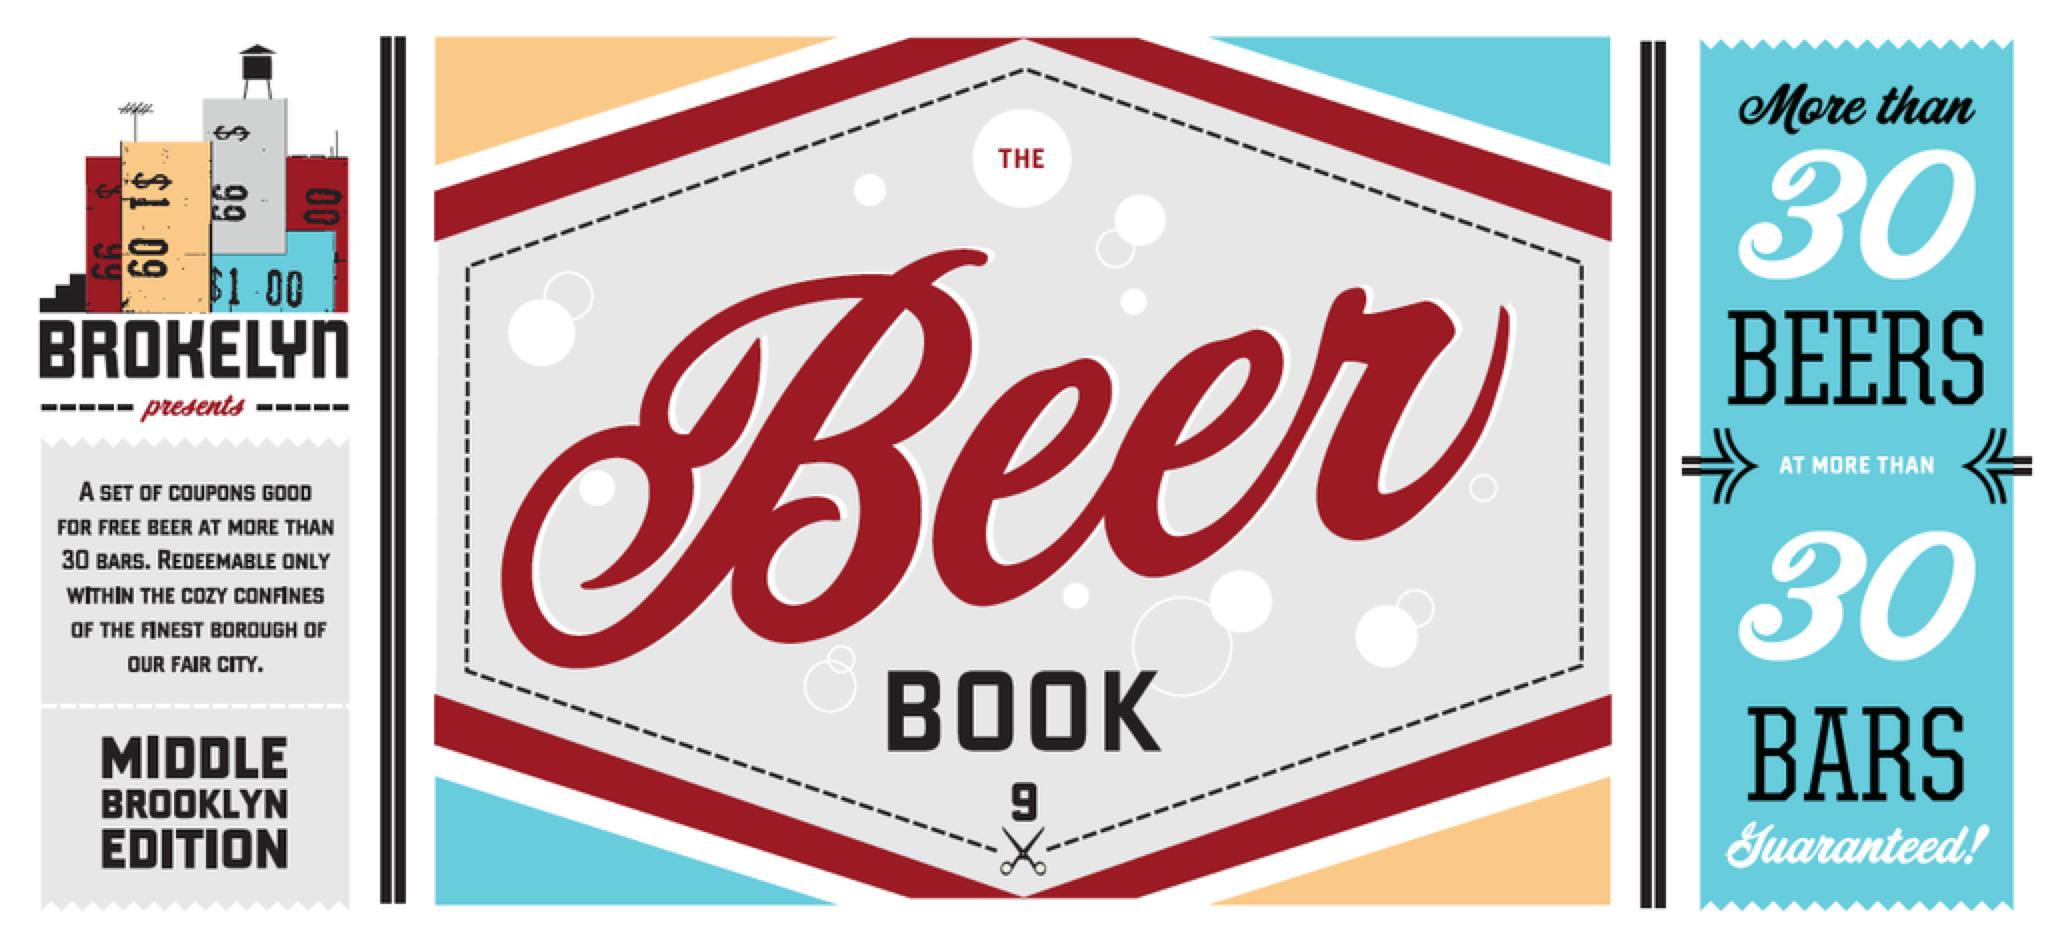 Cheap Beer Alert: Brokelyn's Beer Books On Sale Now